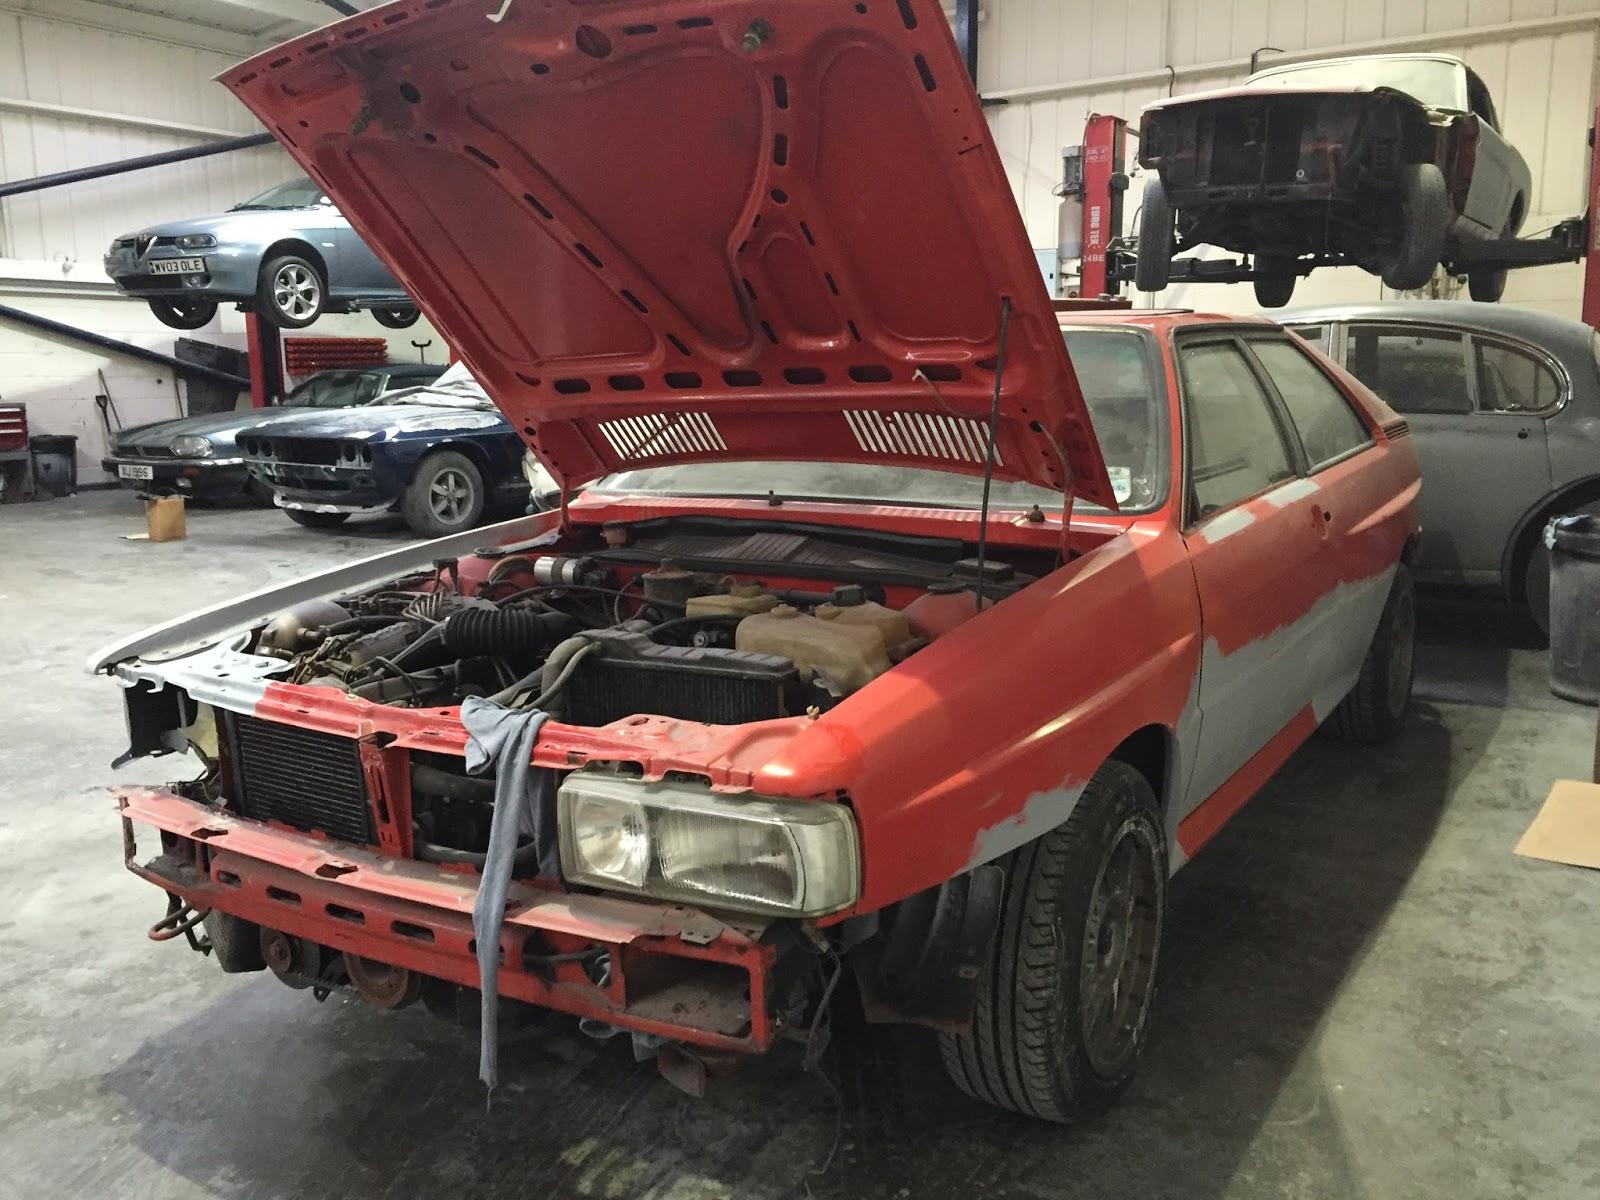 Workshop Projects: 1984 Audi Quattro ur